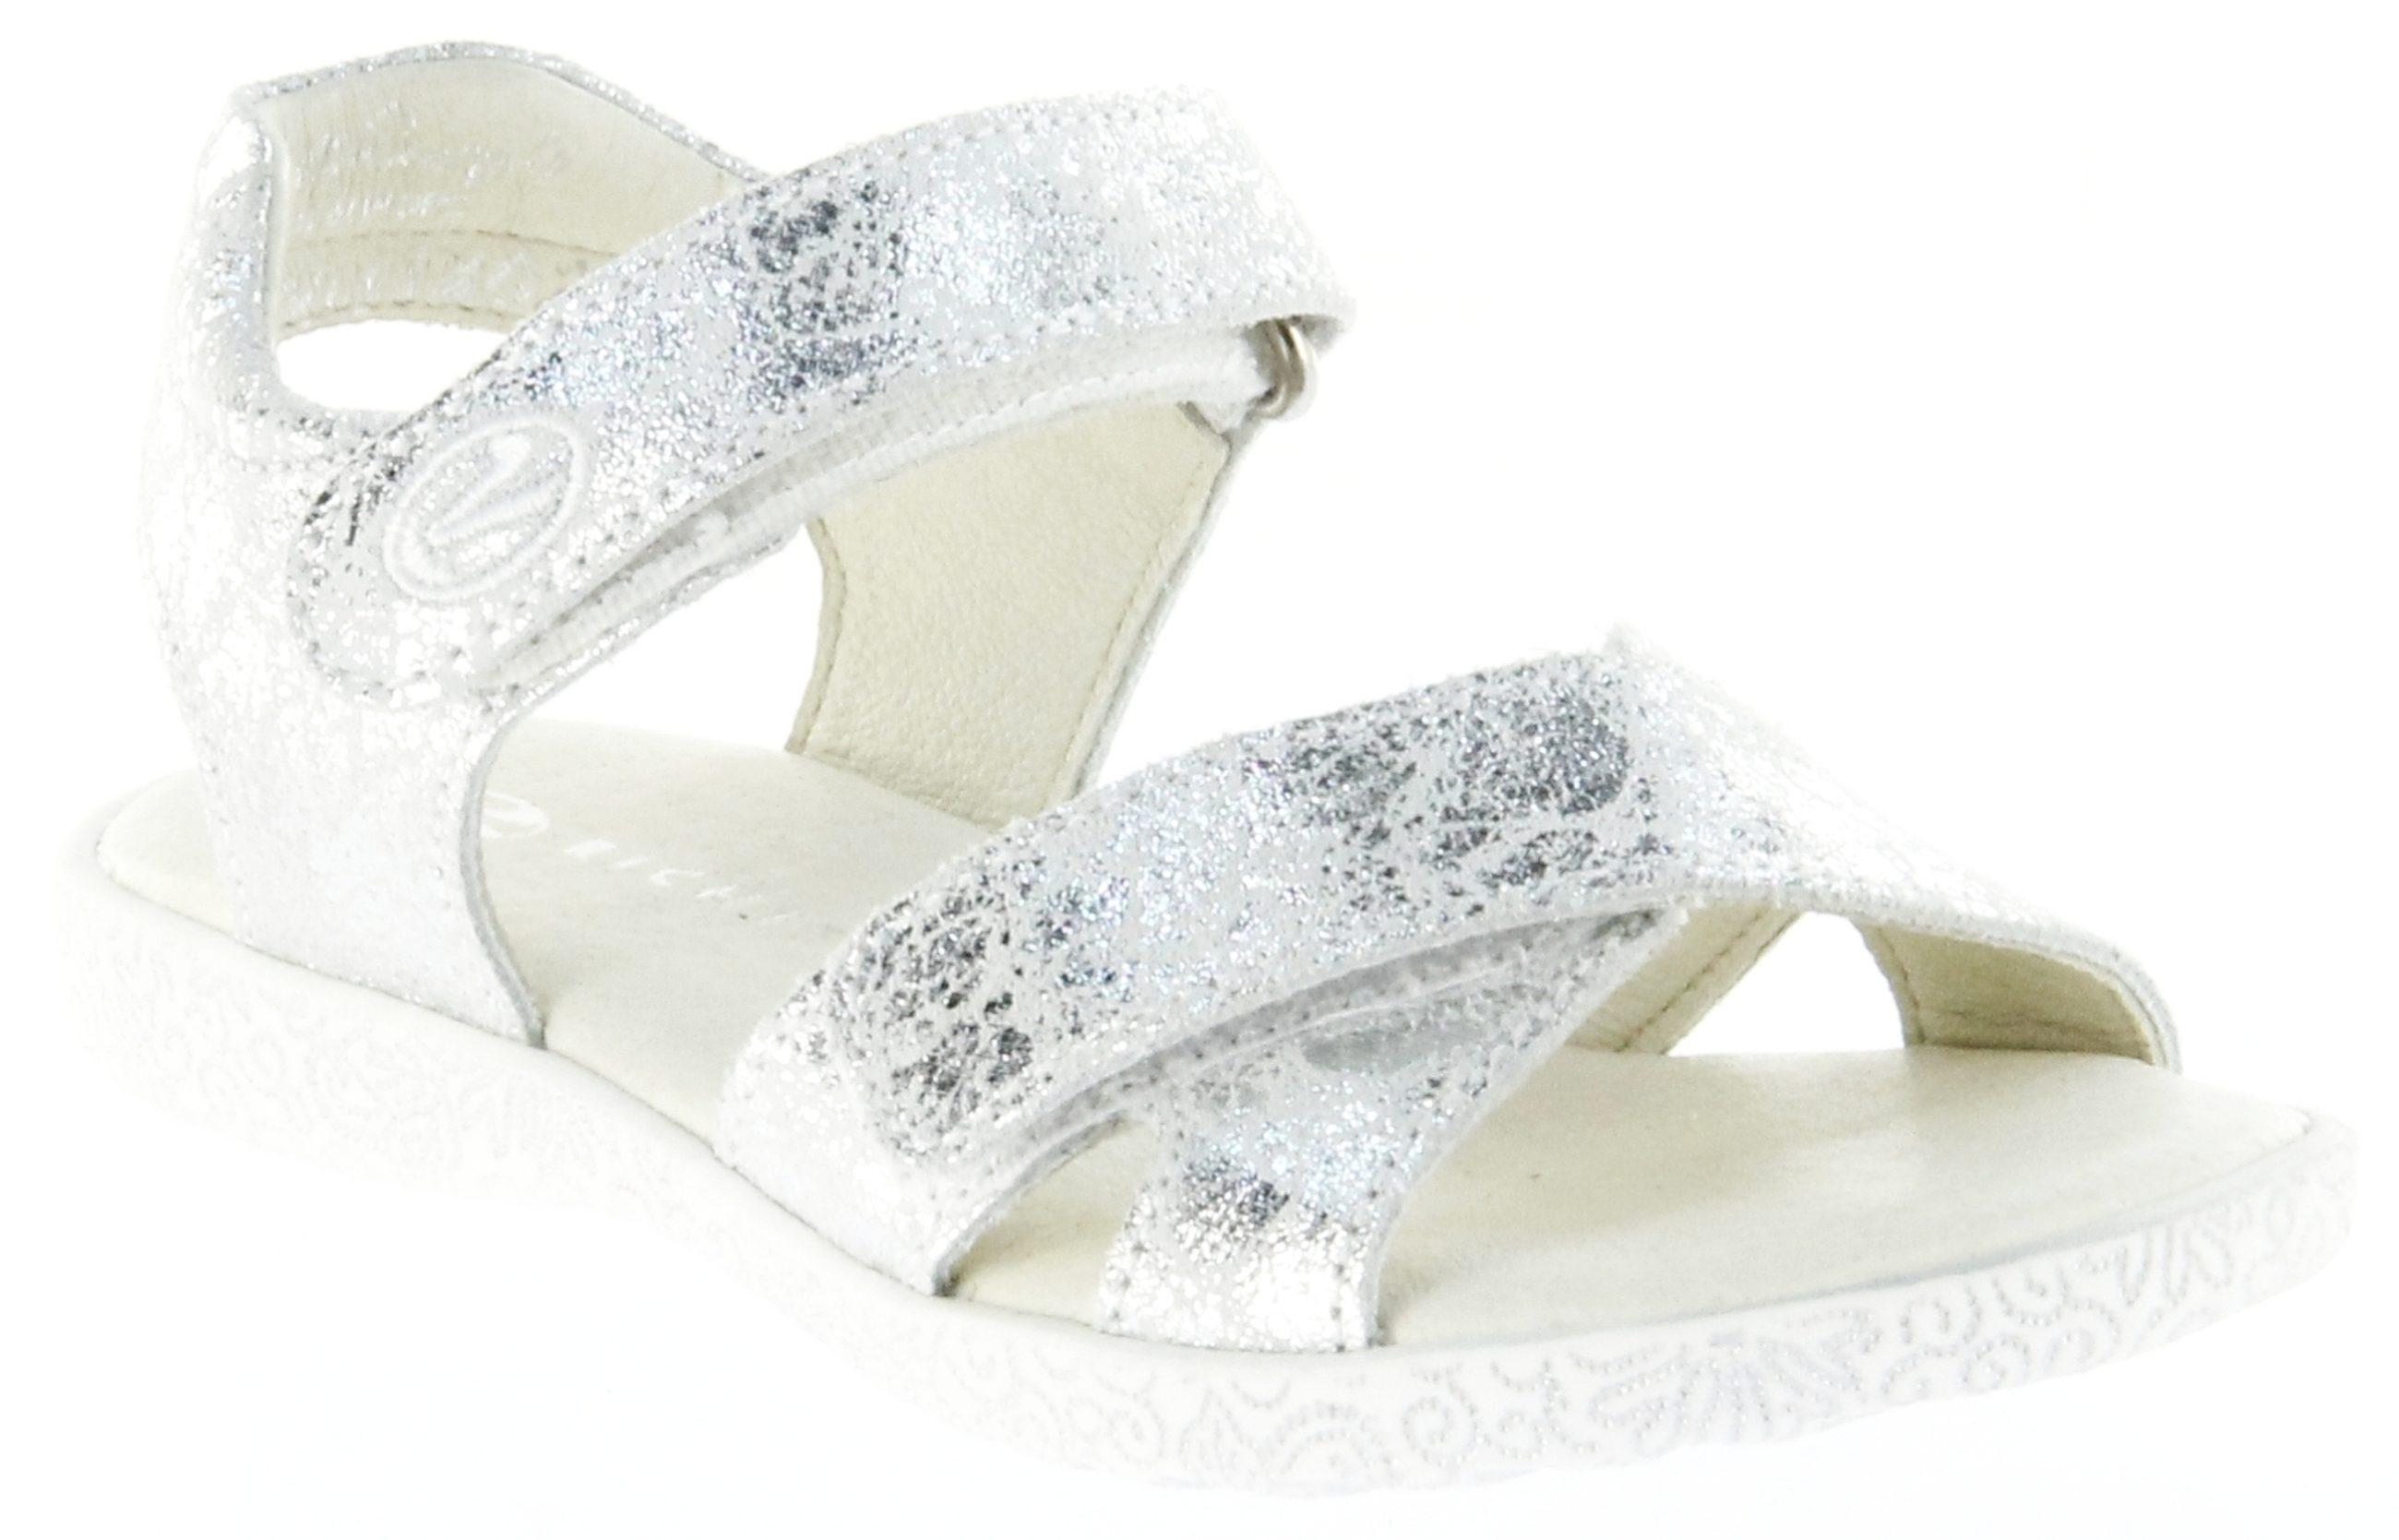 aktuelles Styling außergewöhnliche Auswahl an Stilen und Farben Größe 40 Richter Kinder Sandaletten silber Leder Mädchen Schuhe 5004-144-0200 silver  Sissi S